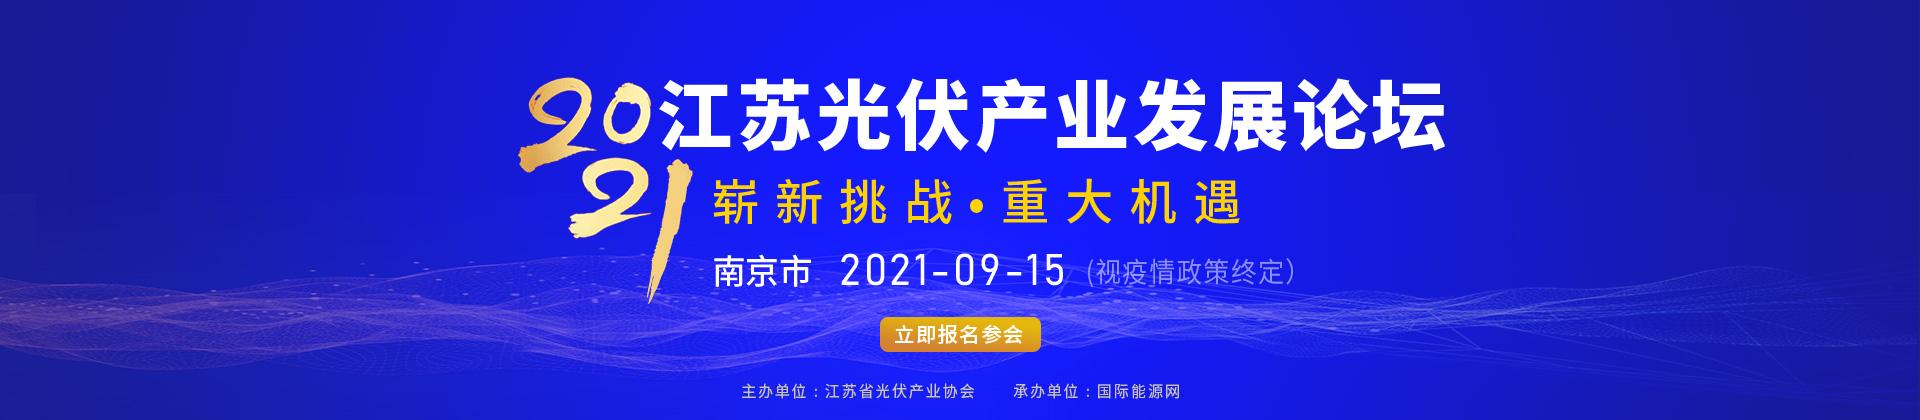 『特时会议』2021江苏光伏产业发展论坛!